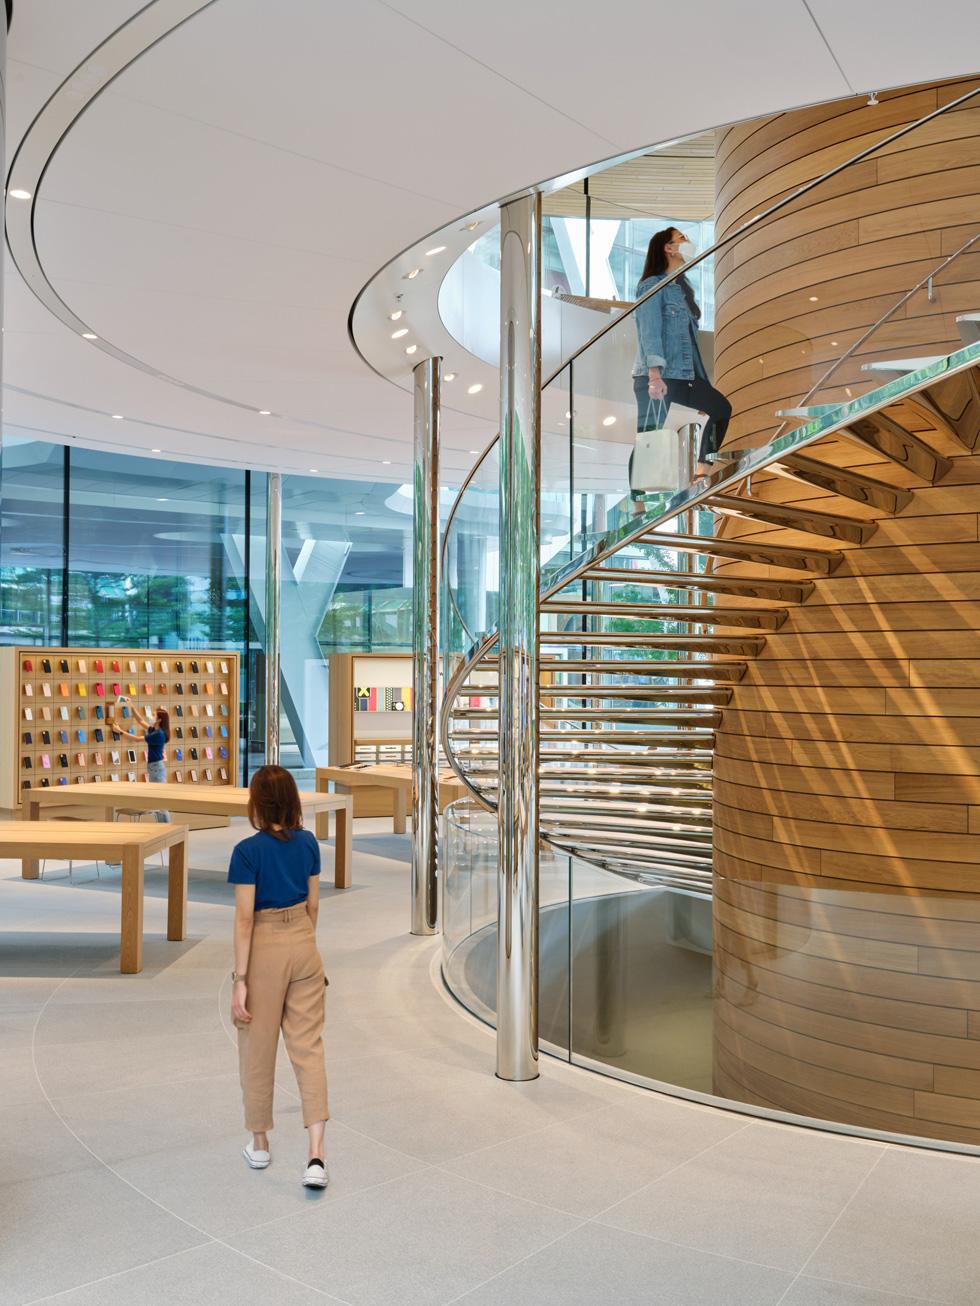 Apple Central World 中央环绕木质中柱的螺旋阶梯。